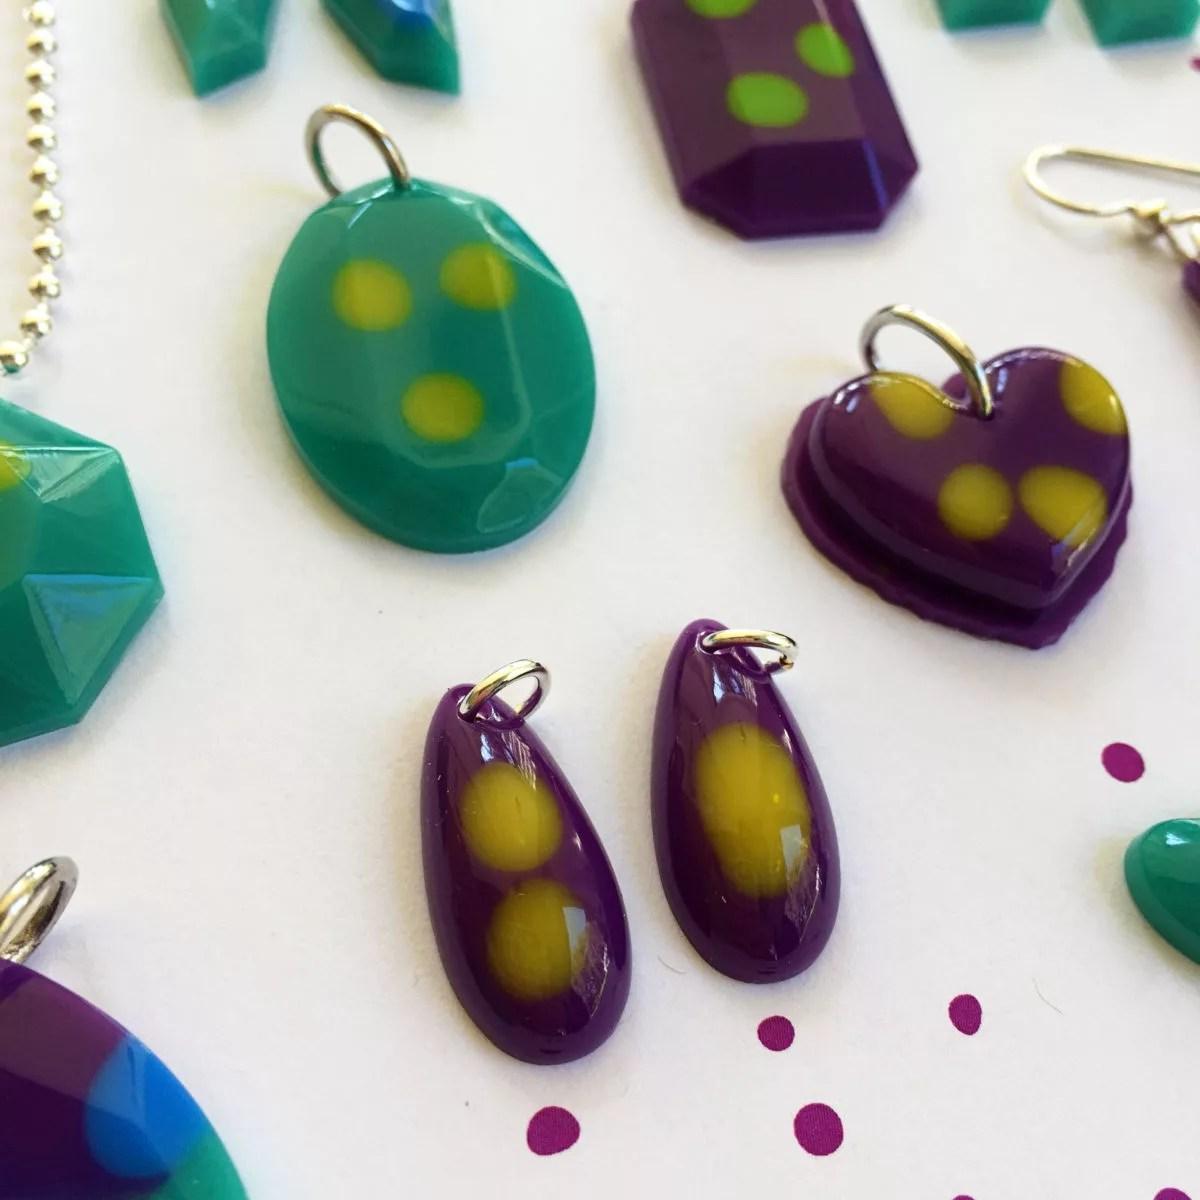 resin jewelry purple teal yellow